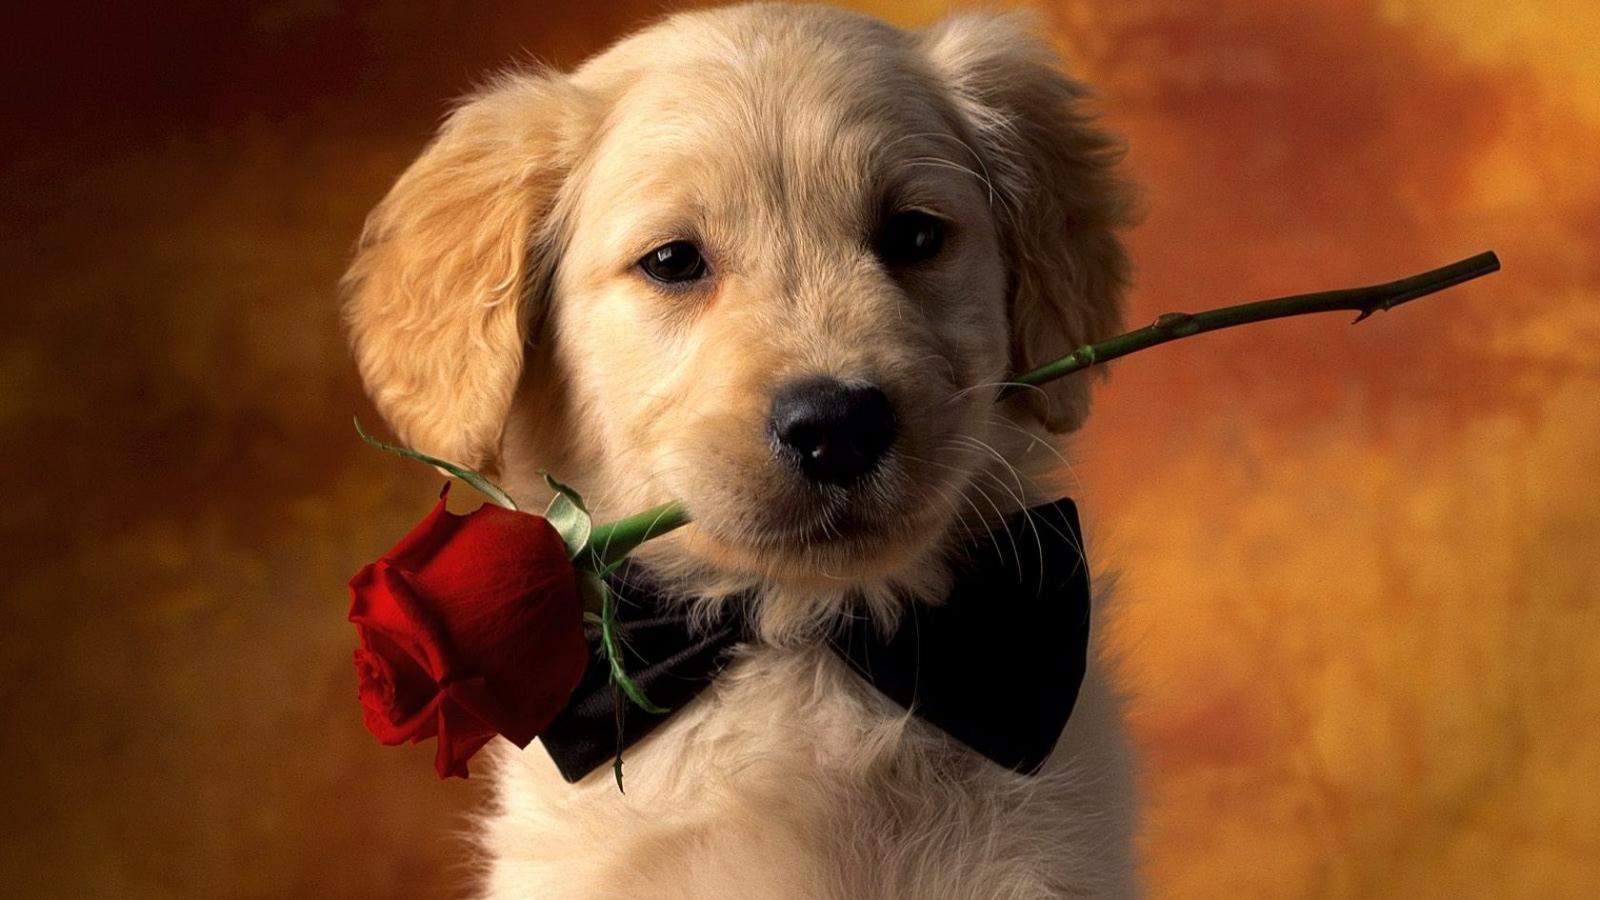 Un perro y una rosa - 1600x900